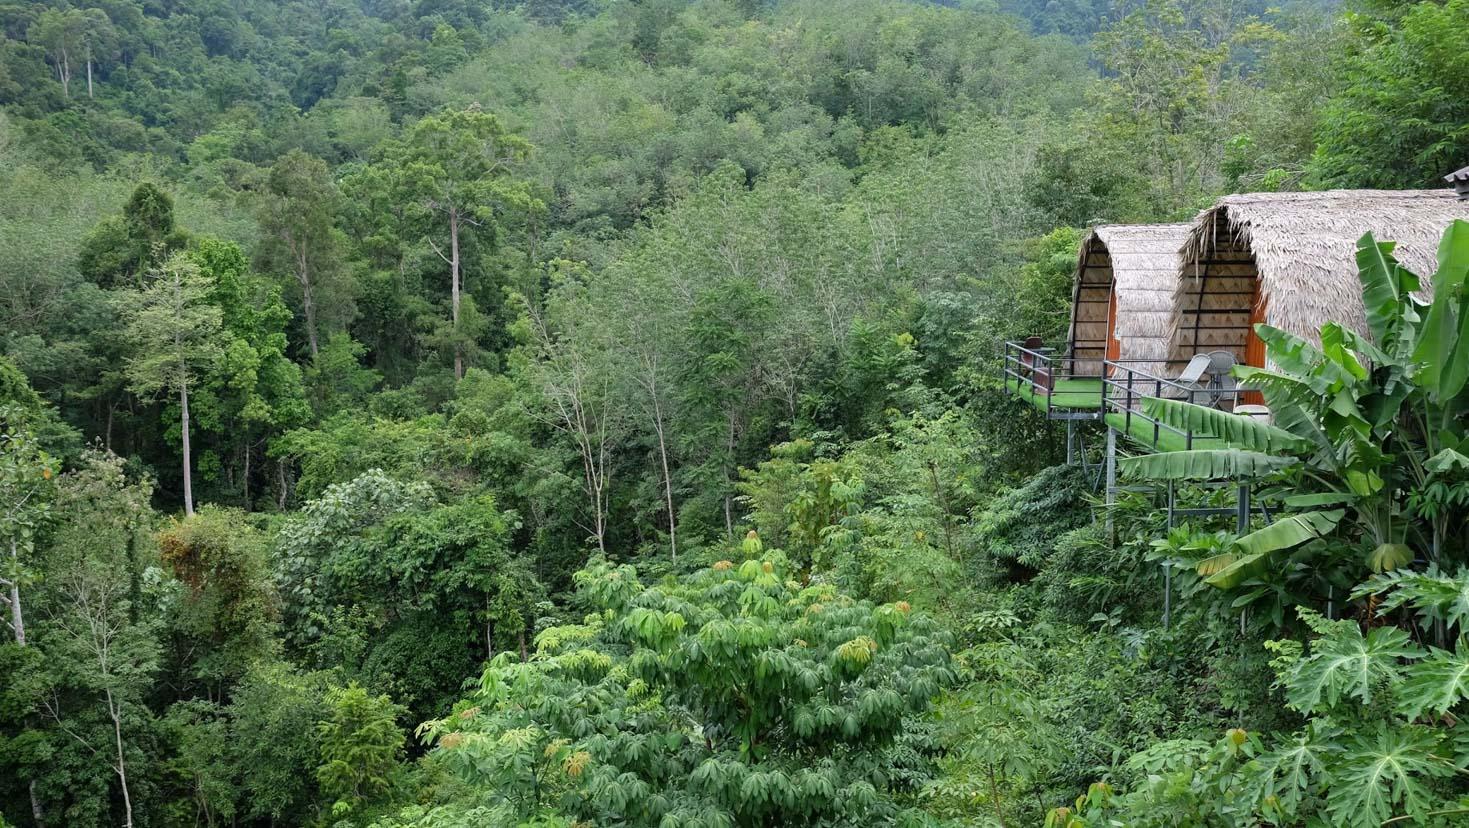 9.-ควนนกเต้น--ที่พัก- มีที่พักให้เลือกหลายแบบหลายสไตล์-ทั้งขนำ-บ้านไม้ไผ่-หรือแบบเต๊นท์ก็มีนะครับ-ทั้งหมด-วิวหลักล้าน-ทะเลหมอก-100--กันเลยทีเดียว ที่เที่ยว,ที่พัก,พัทลุง,การท่องเที่ยว,ประเทศไทย,วิถีชีวิต,ชุมชน,ดริฟท์กาแฟ